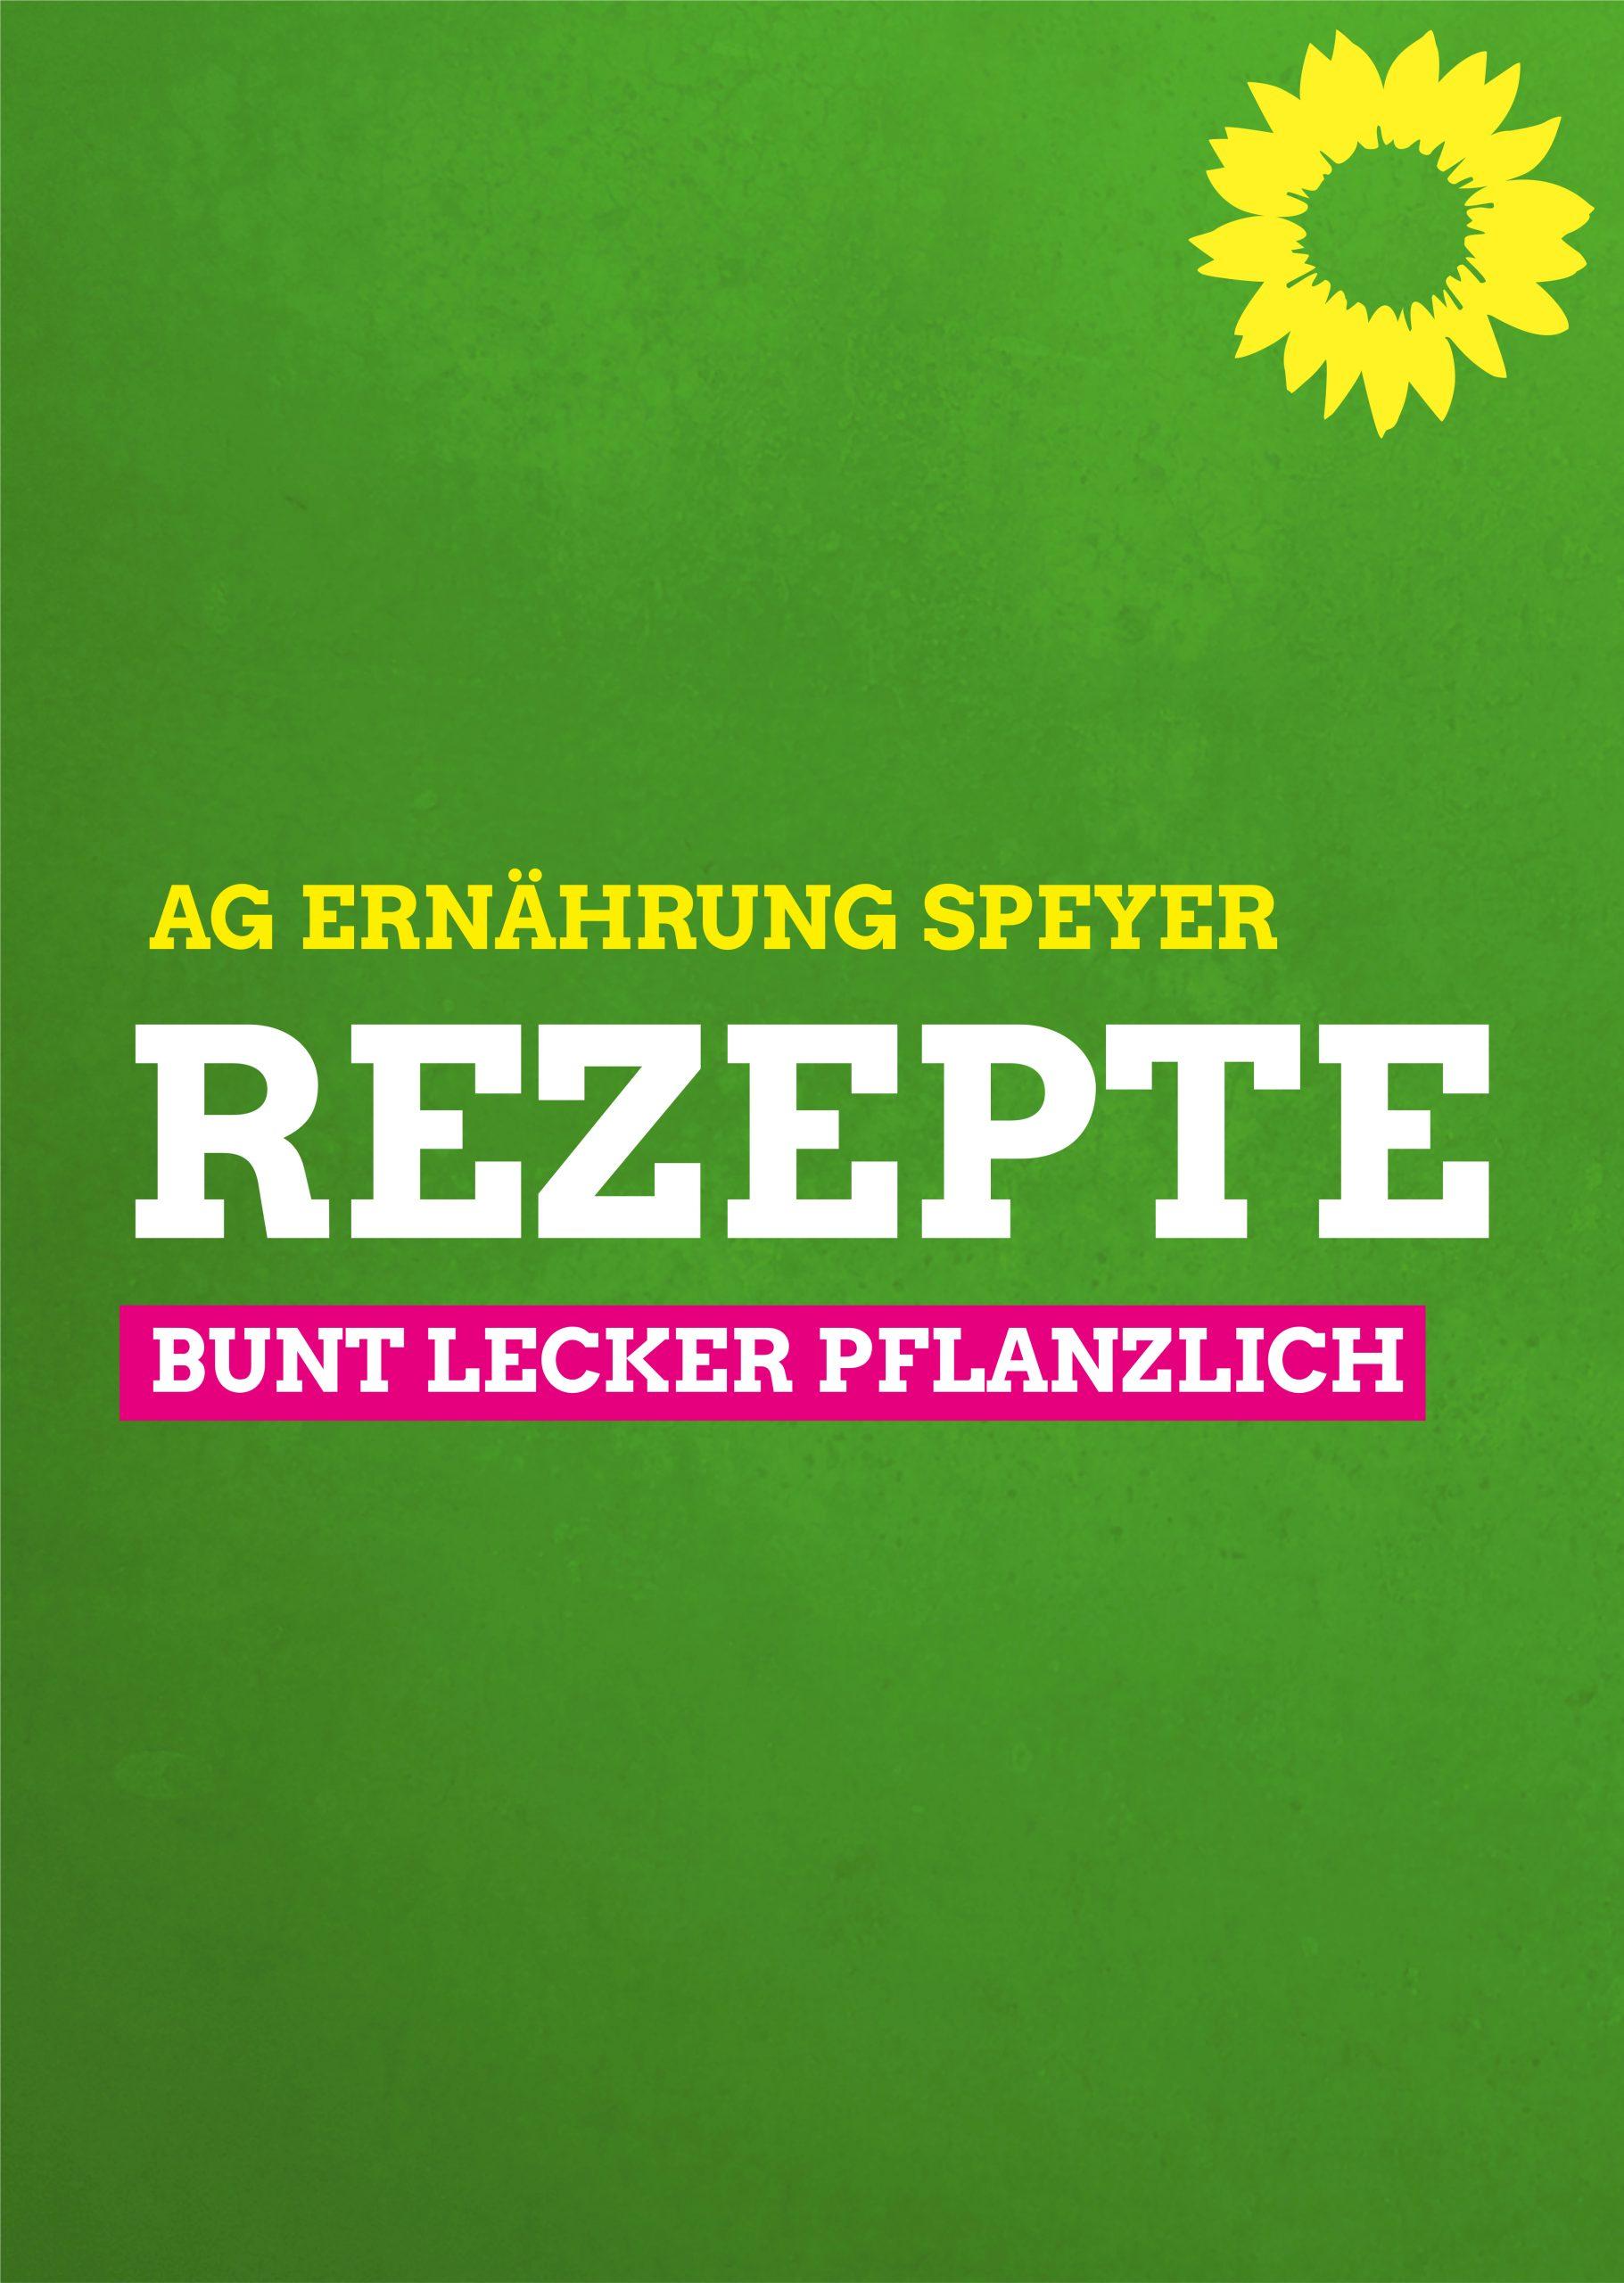 WELTVEGANTAG: Rezepte BUNT LECKER PFLANZLICH